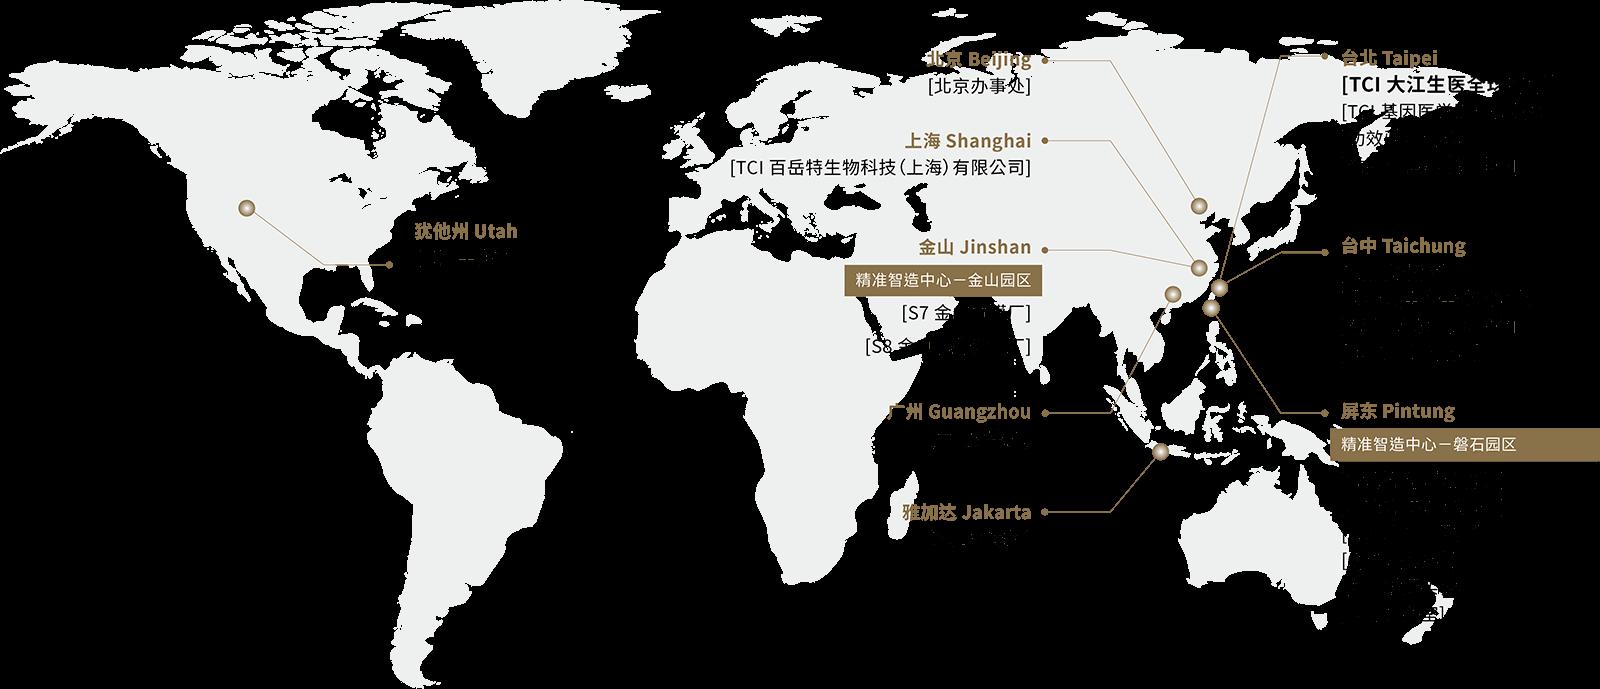 TCI 百岳特全球布局